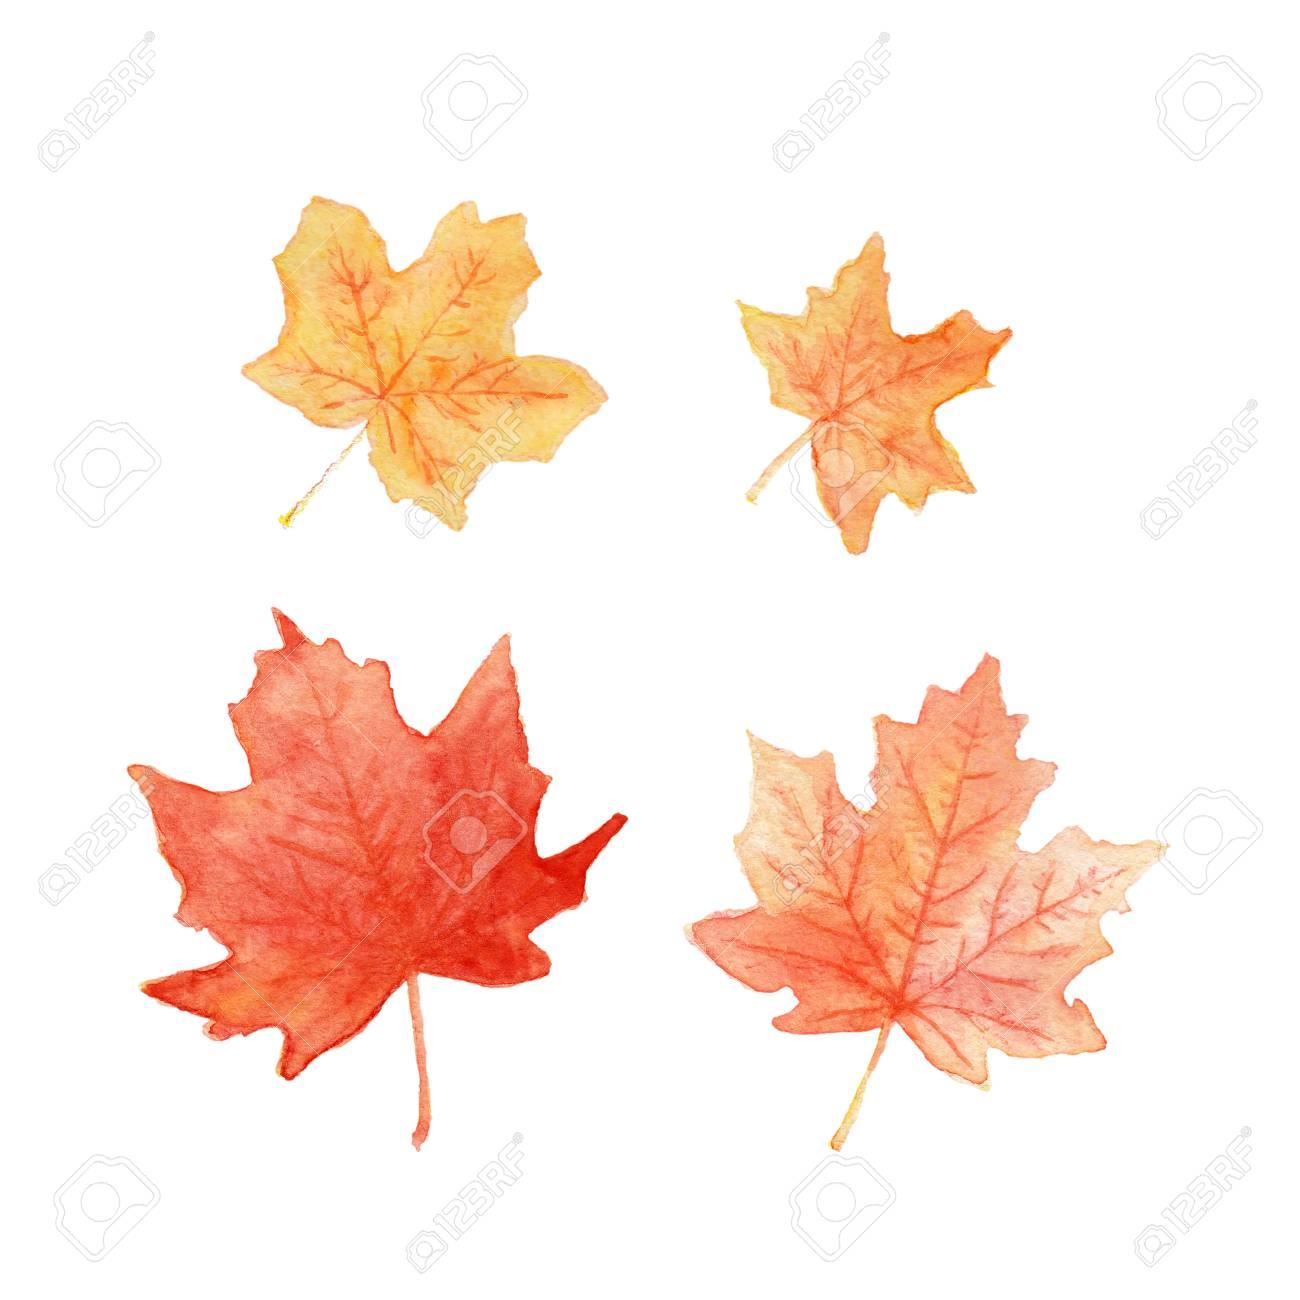 Feuilles D'automne De Couleur Érable À L'aquarelle à Dessin De Feuille D Automne